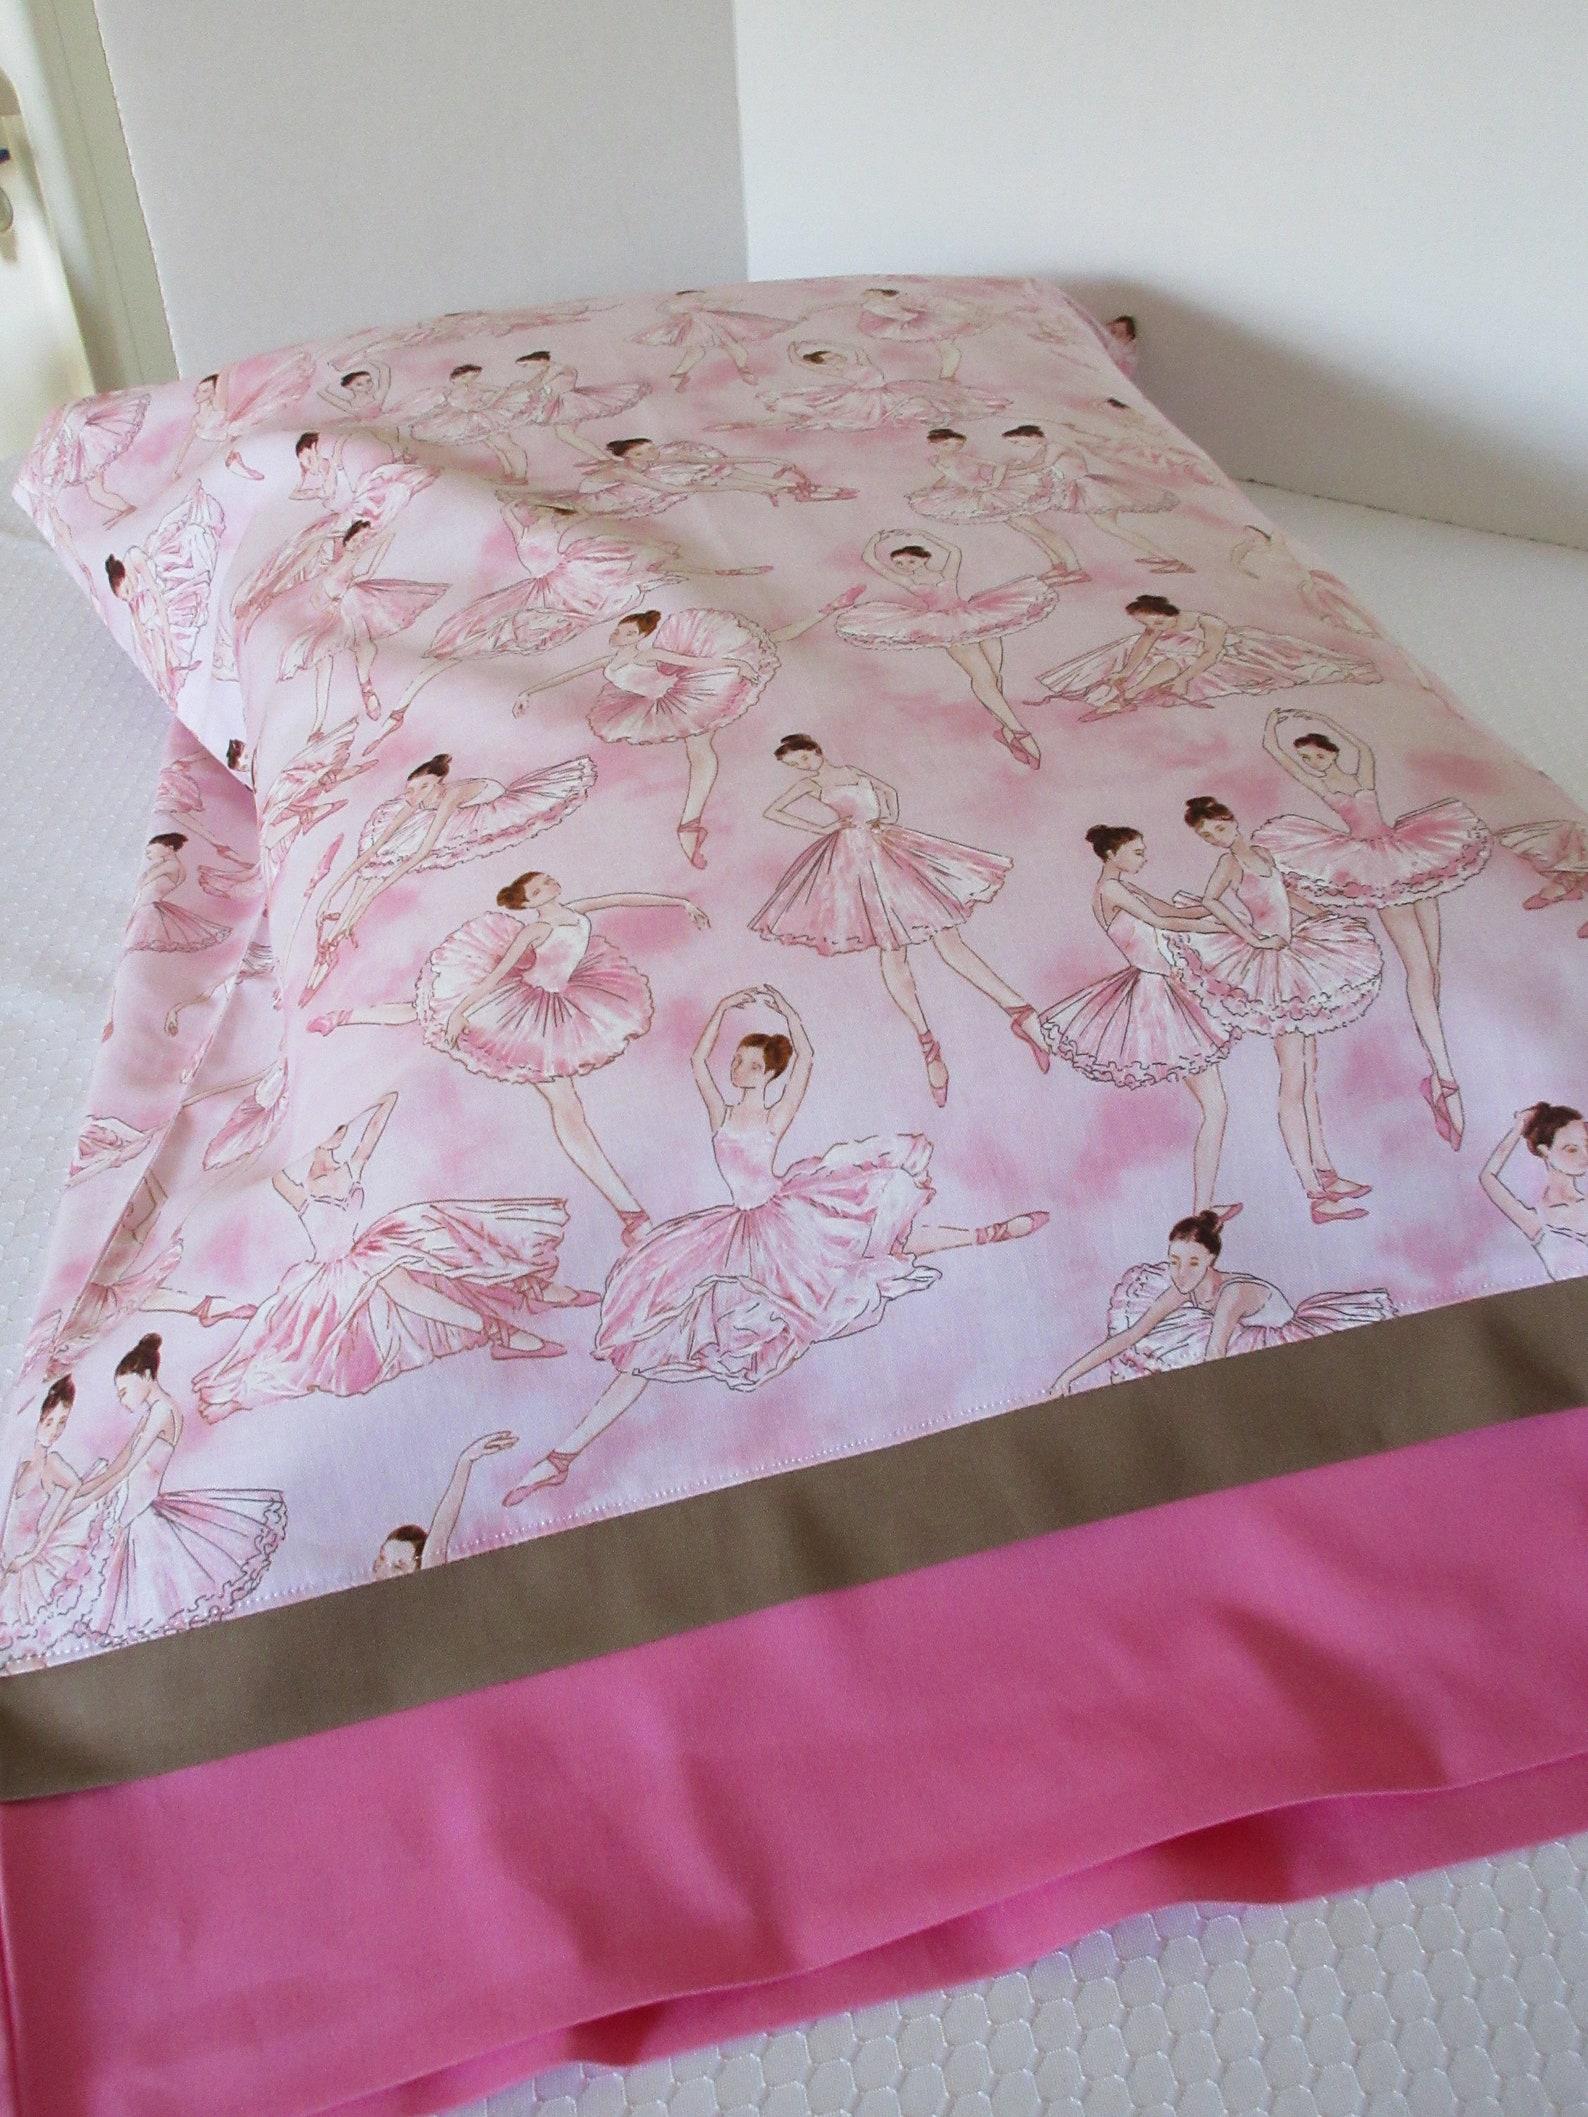 ballerina pillowcases, kids who love dance, ballet lovers gift, girl's pillowcase, gifts for ballerinas